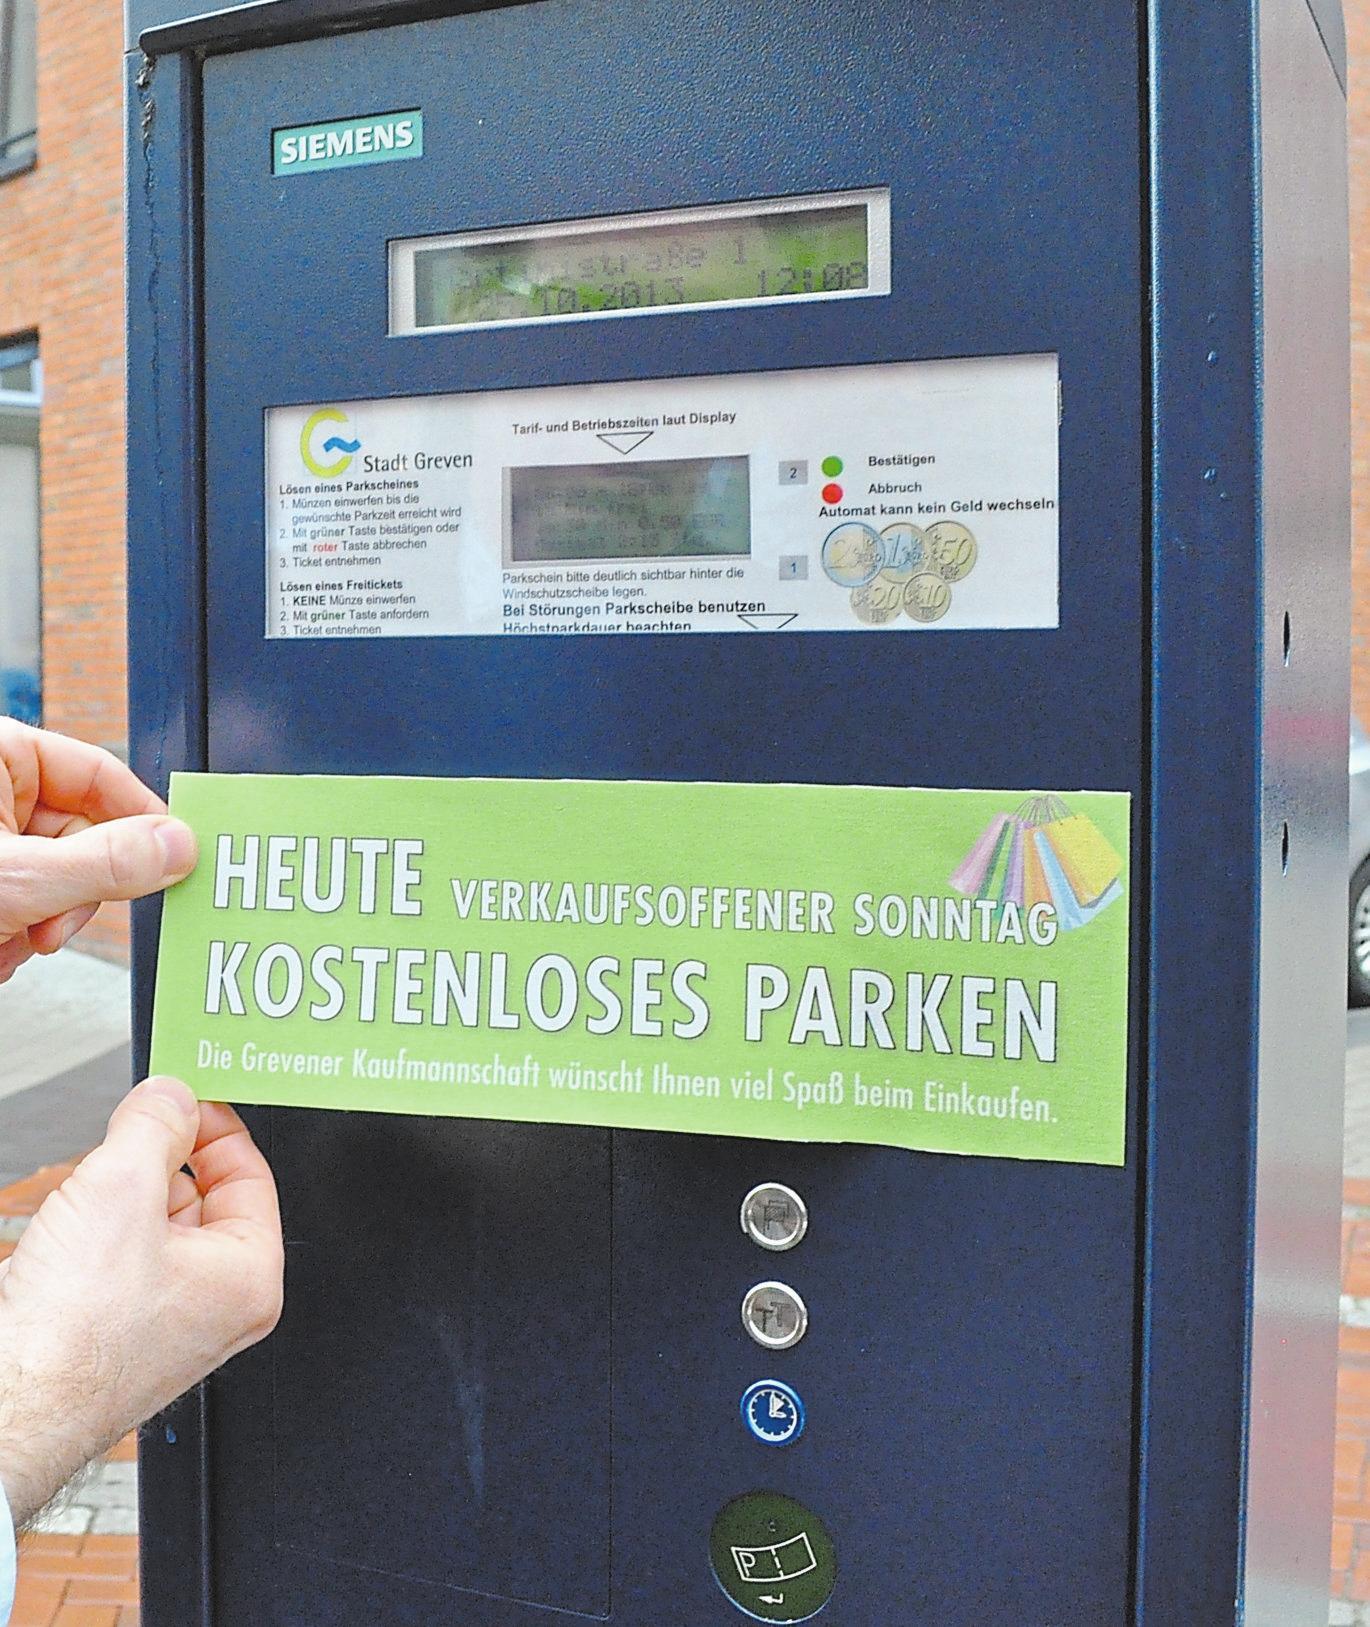 Die Werbegemeinschaft weist auf das kostenlose Parken hin.